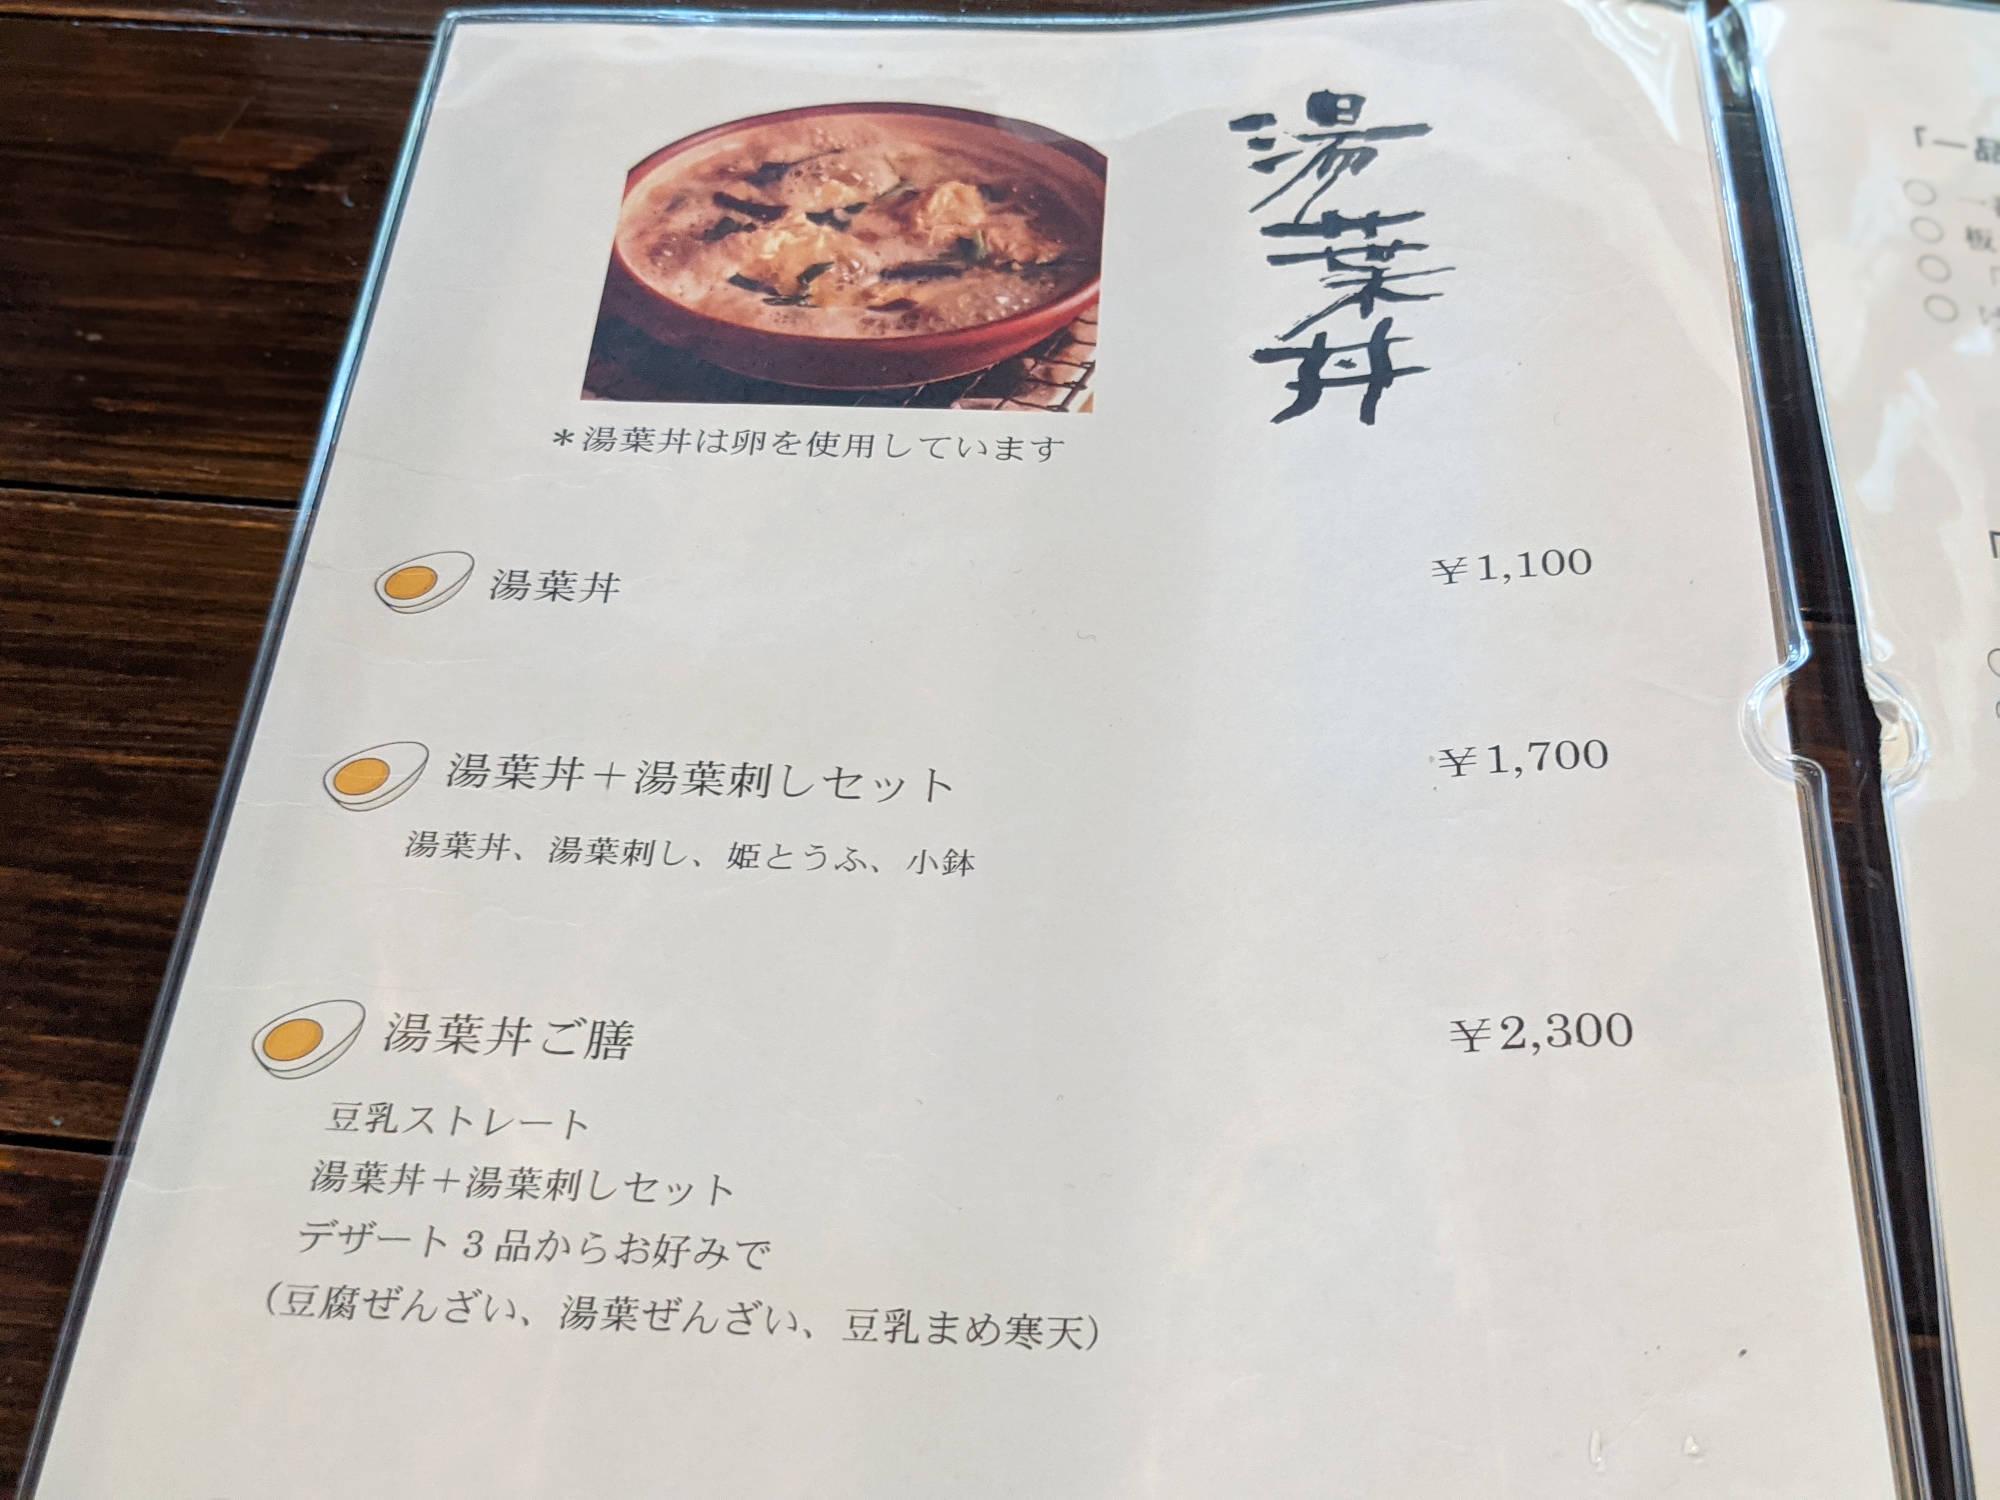 湯葉丼「直吉」のメニュー